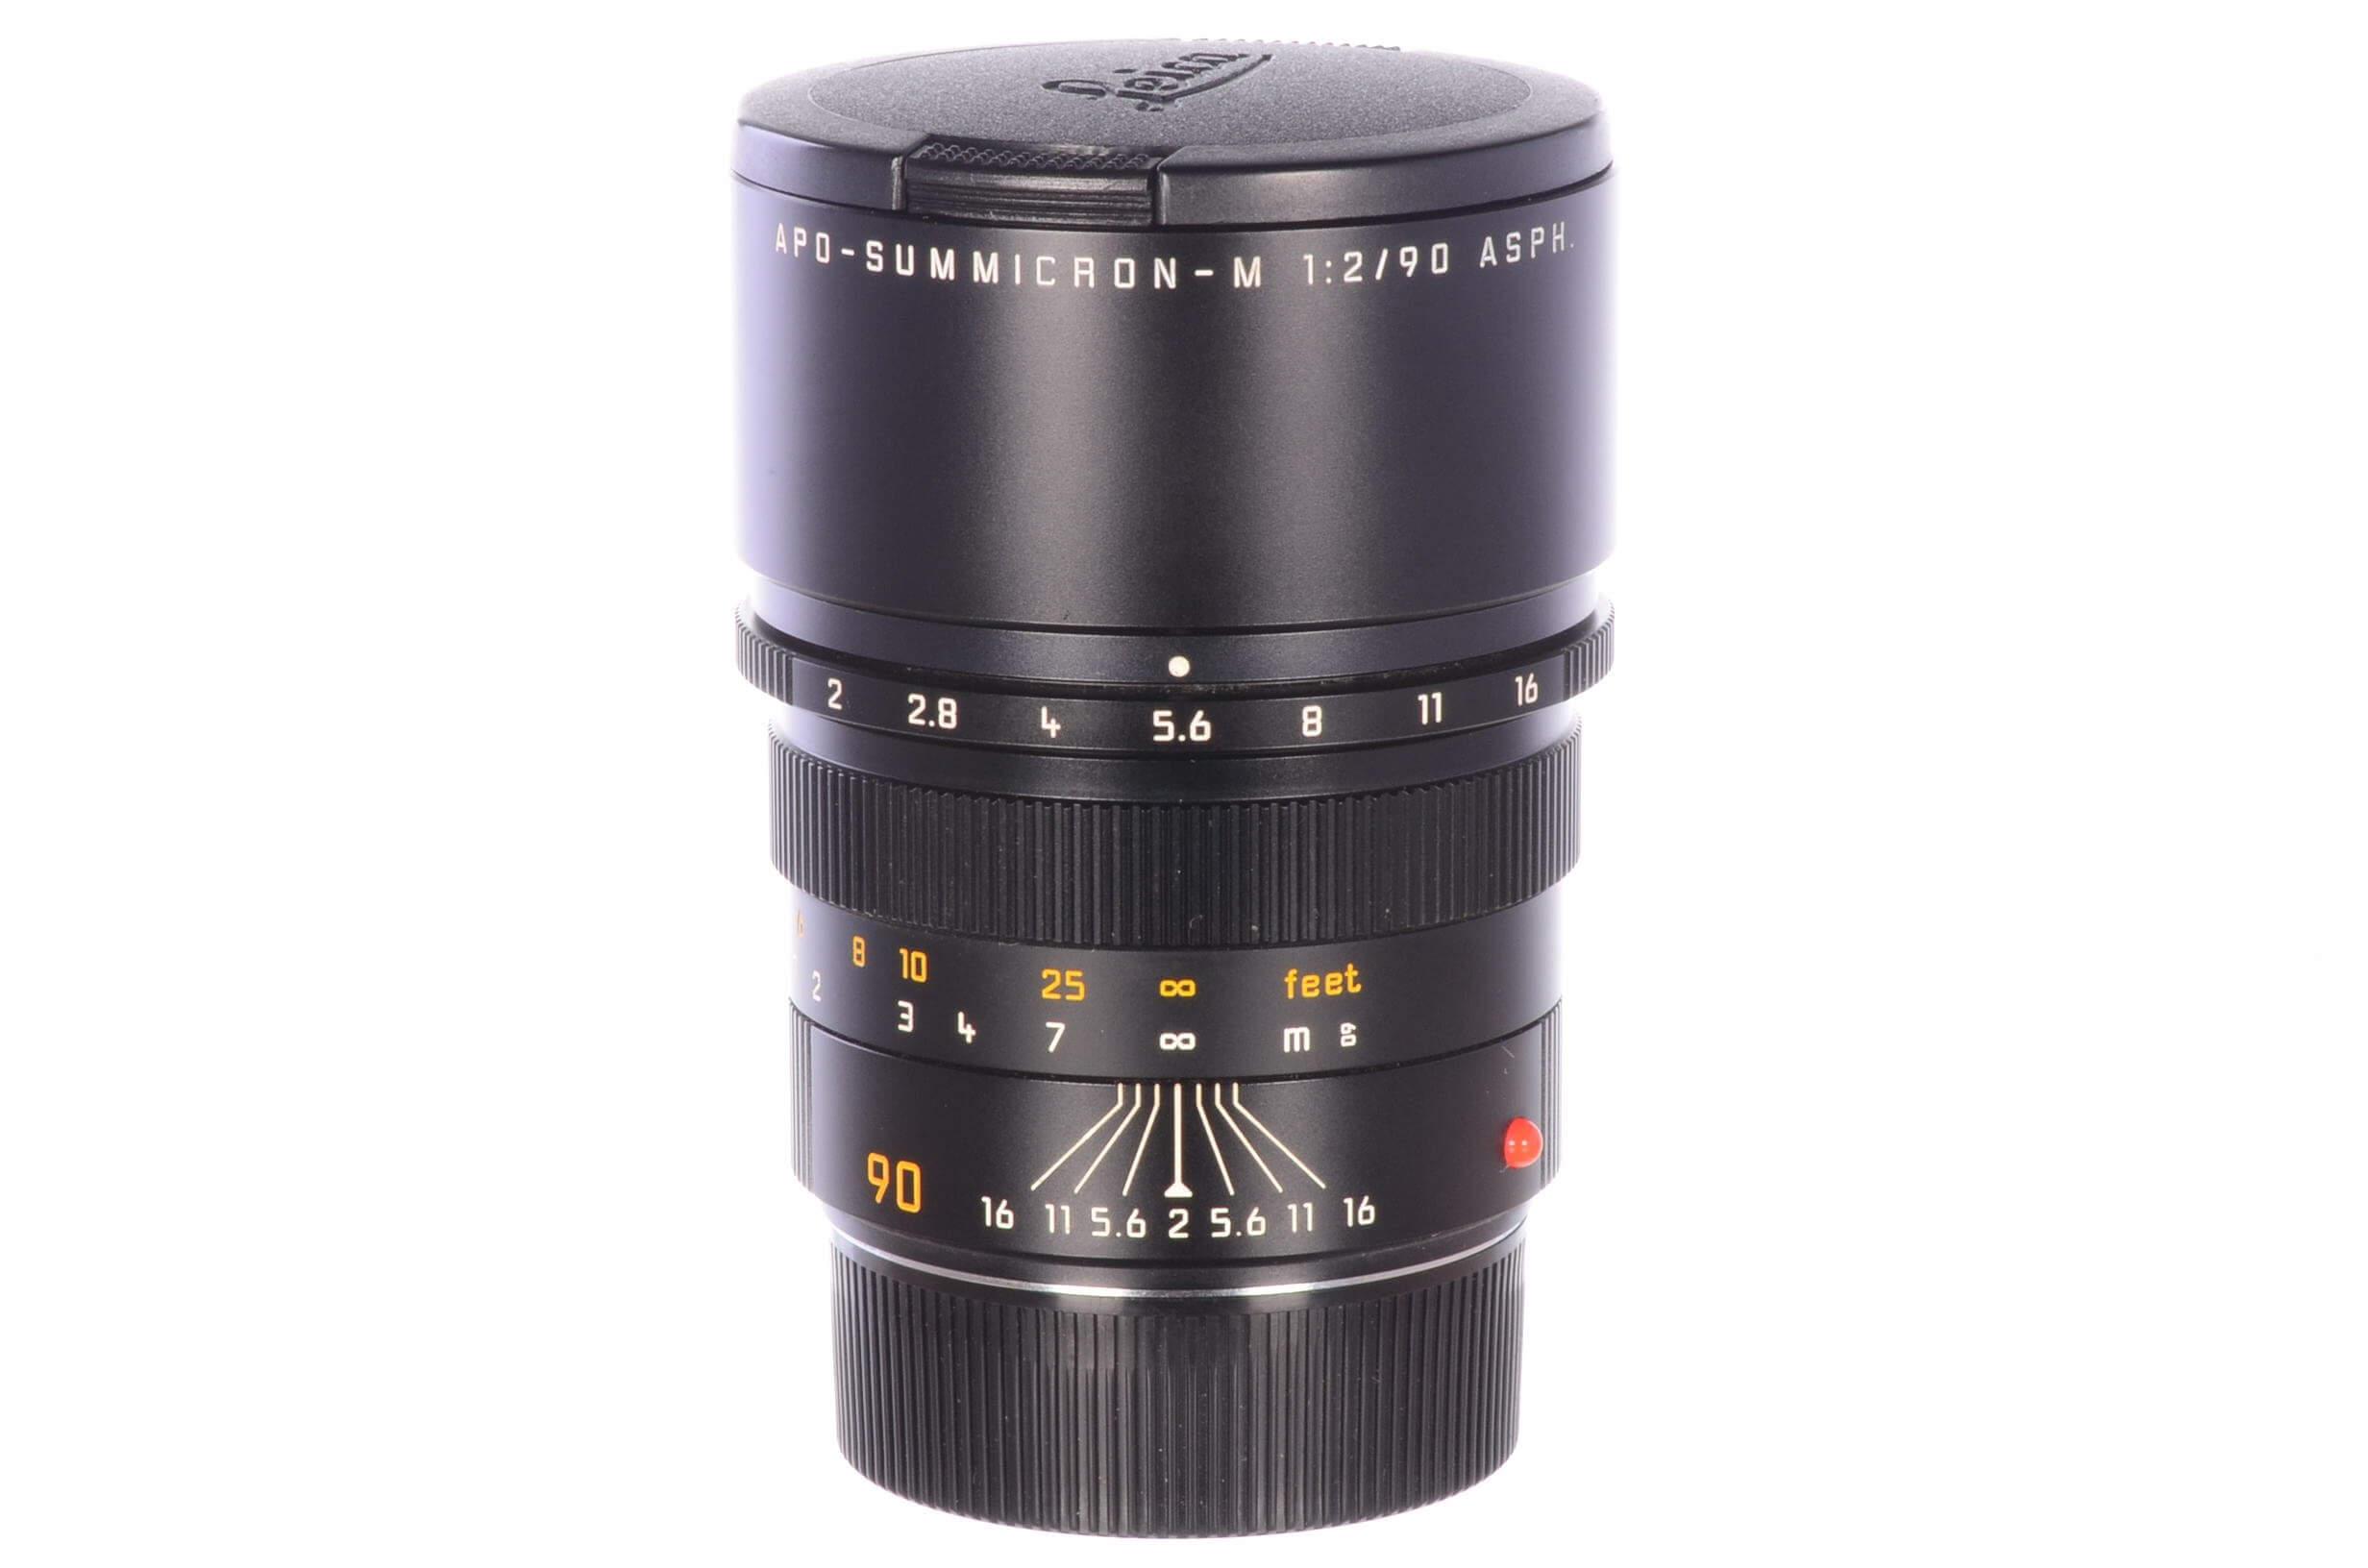 Leica 90mm f2 Apo-Summicron M ASPH – see description